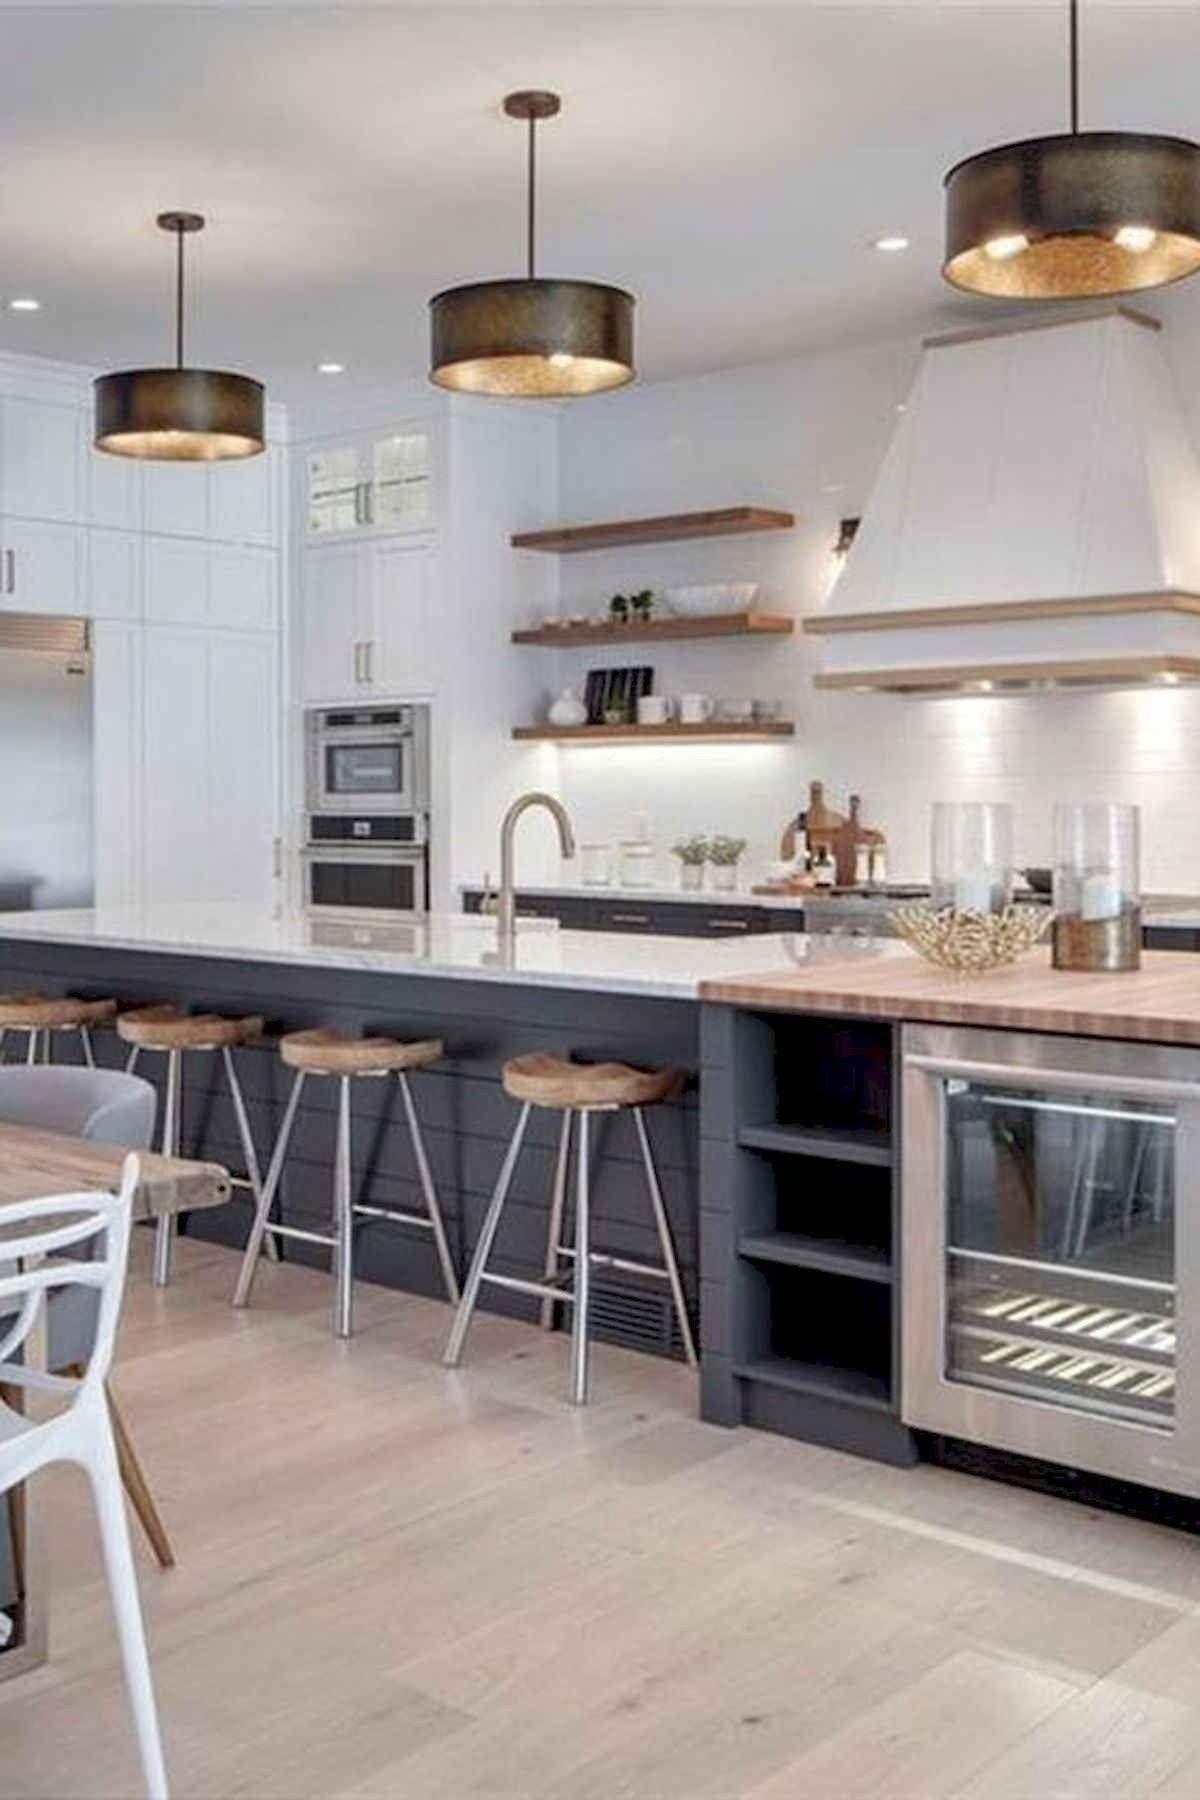 50 Best Modern Farmhouse Kitchen Island Decor Ideas In 2020 Farmhouse Kitchen Design Modern Farmhouse Kitchens Kitchen Style